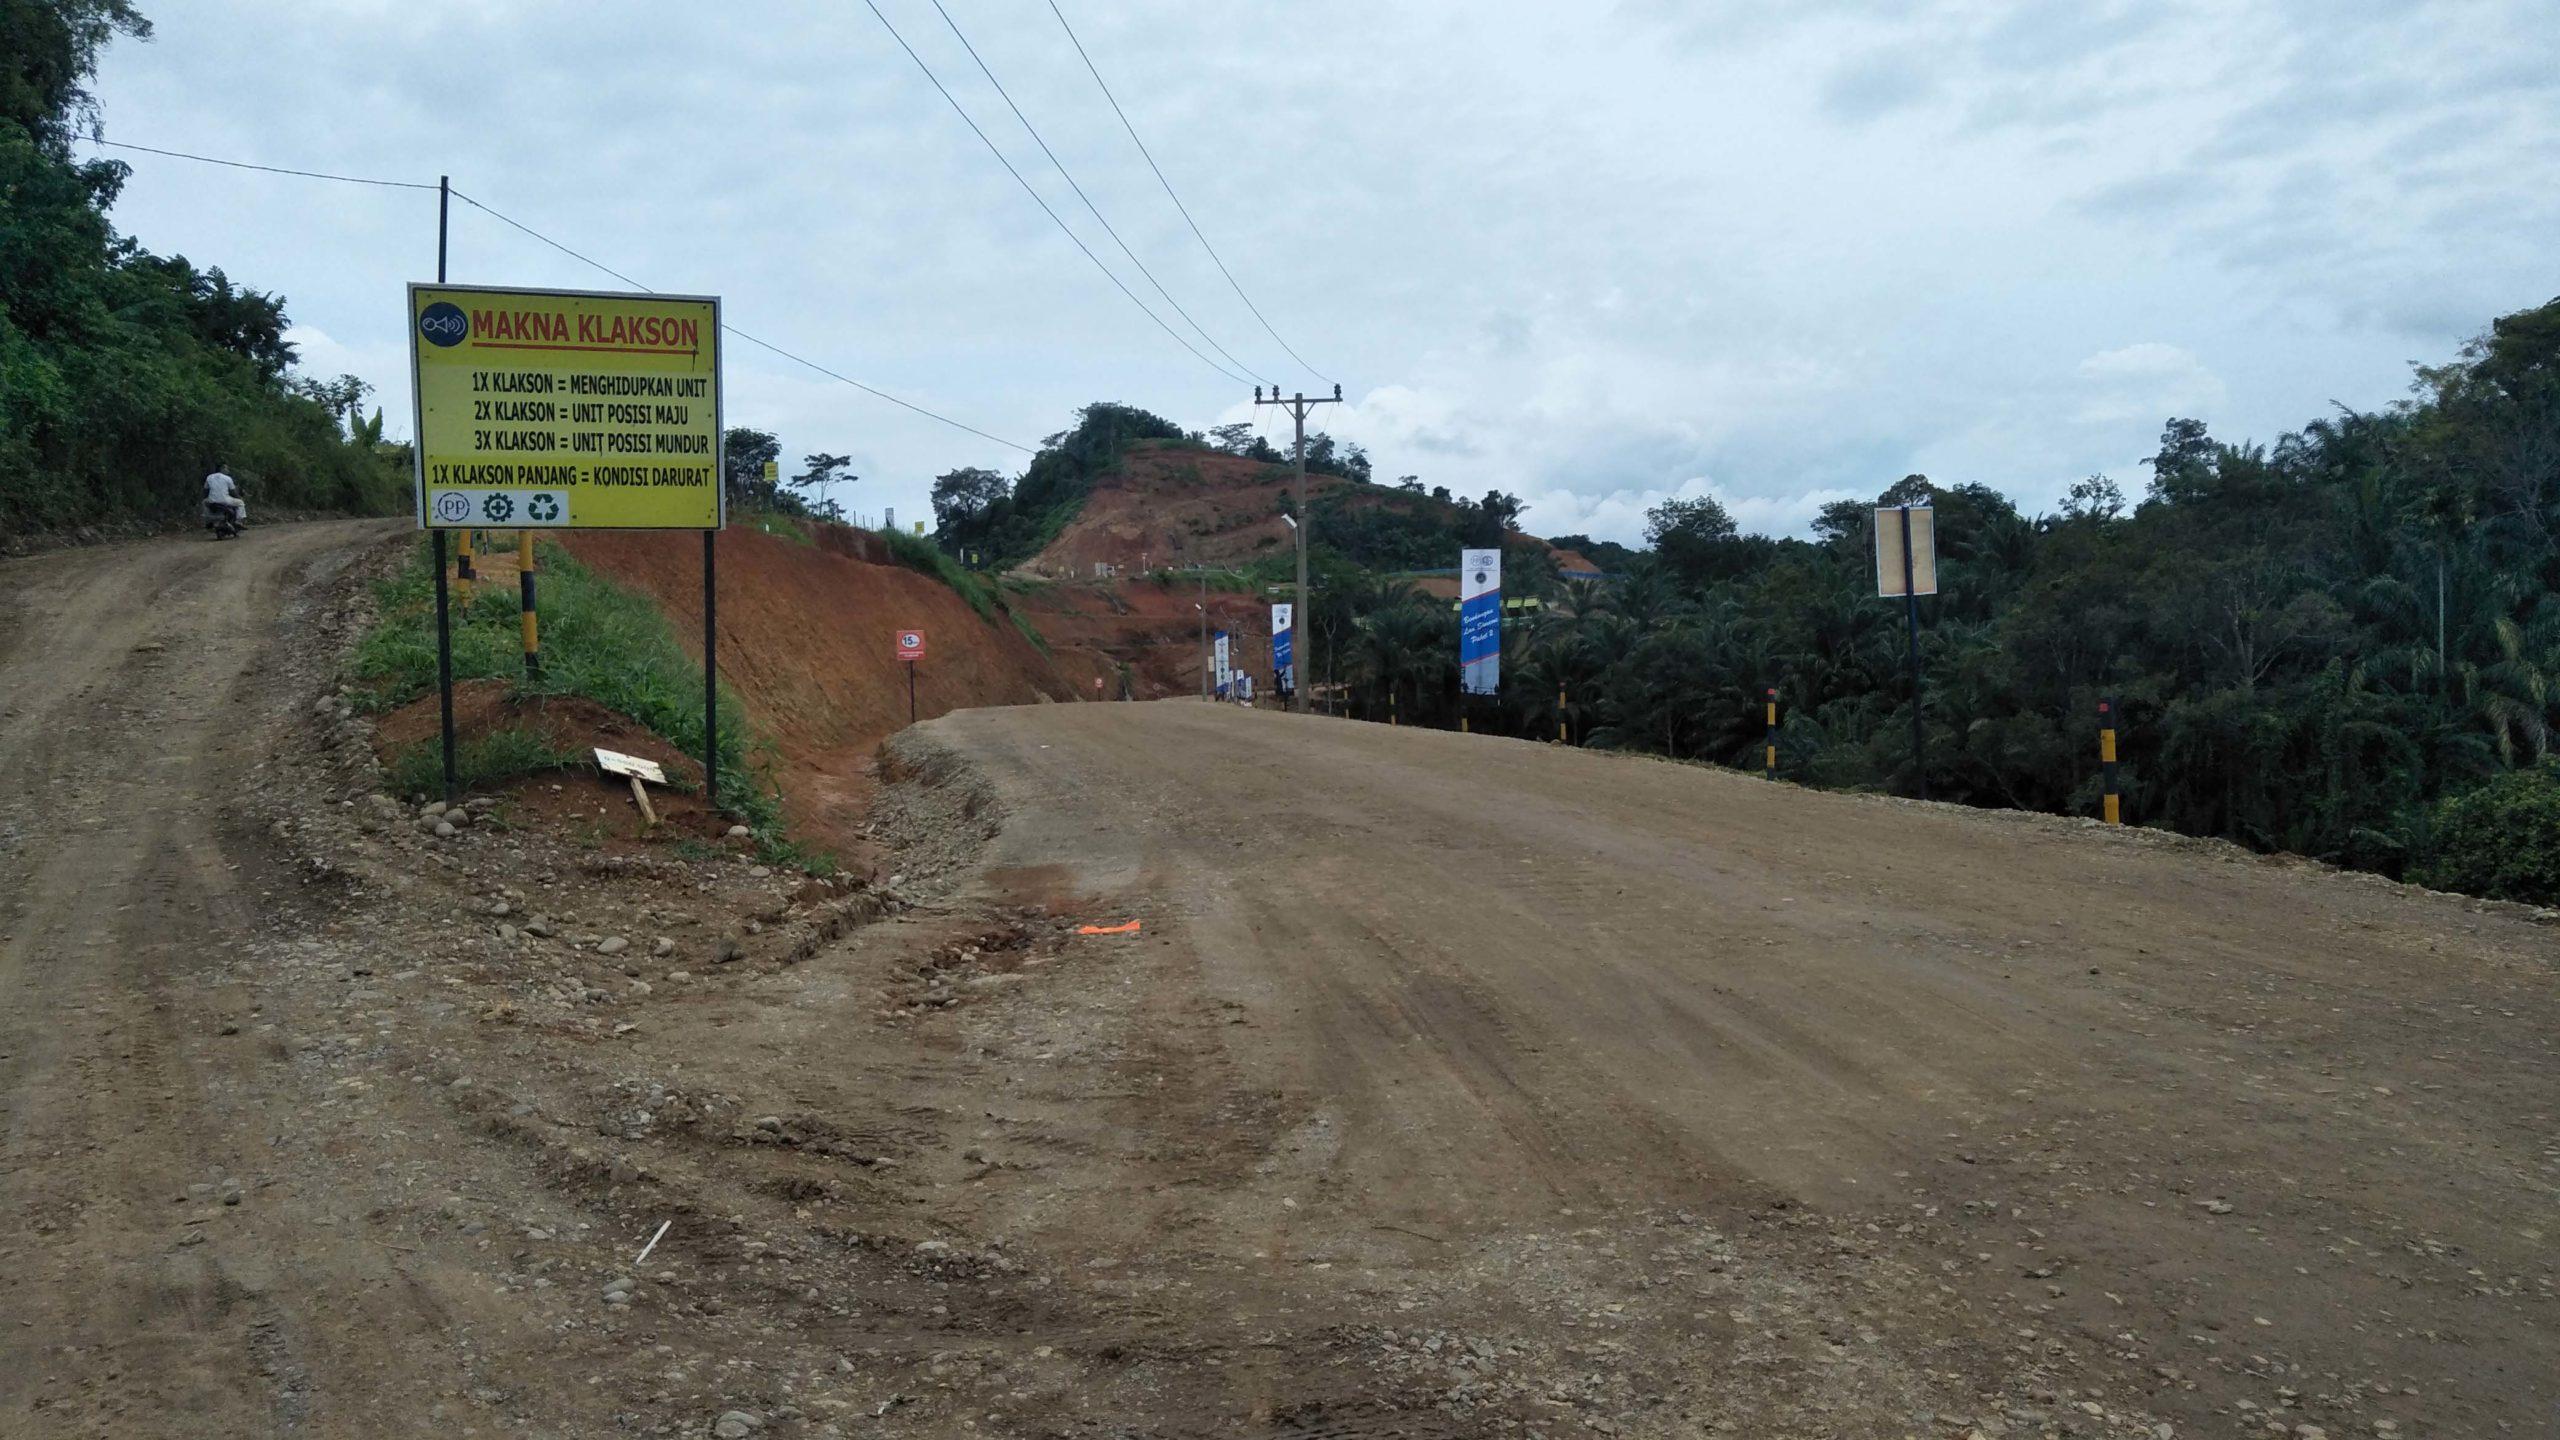 Pembukaan jalan untuk Bendungan Lau Simeme, Deli Serdang. Foto: Adinda Zahra Novianty/ Mongabay Indonesia